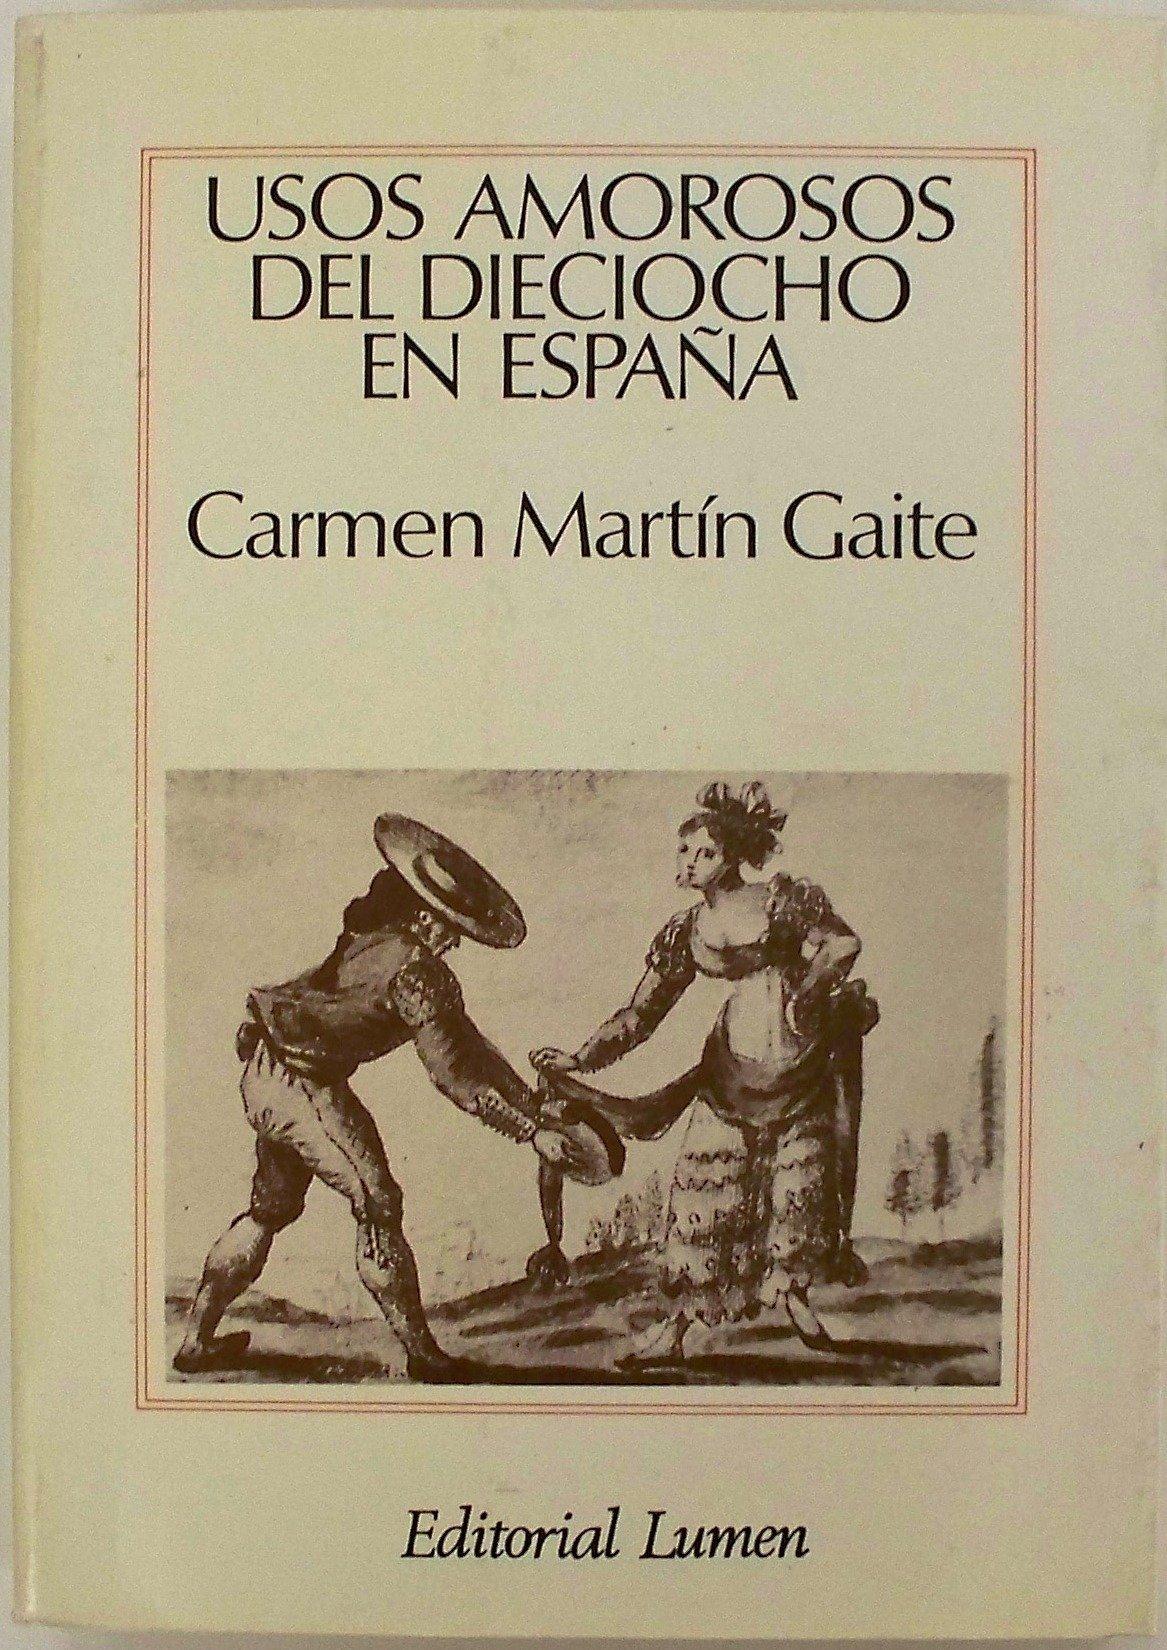 Usos amorosos del dieciocho en Espana Ensayo Spanish Edition: Amazon.es: Libros